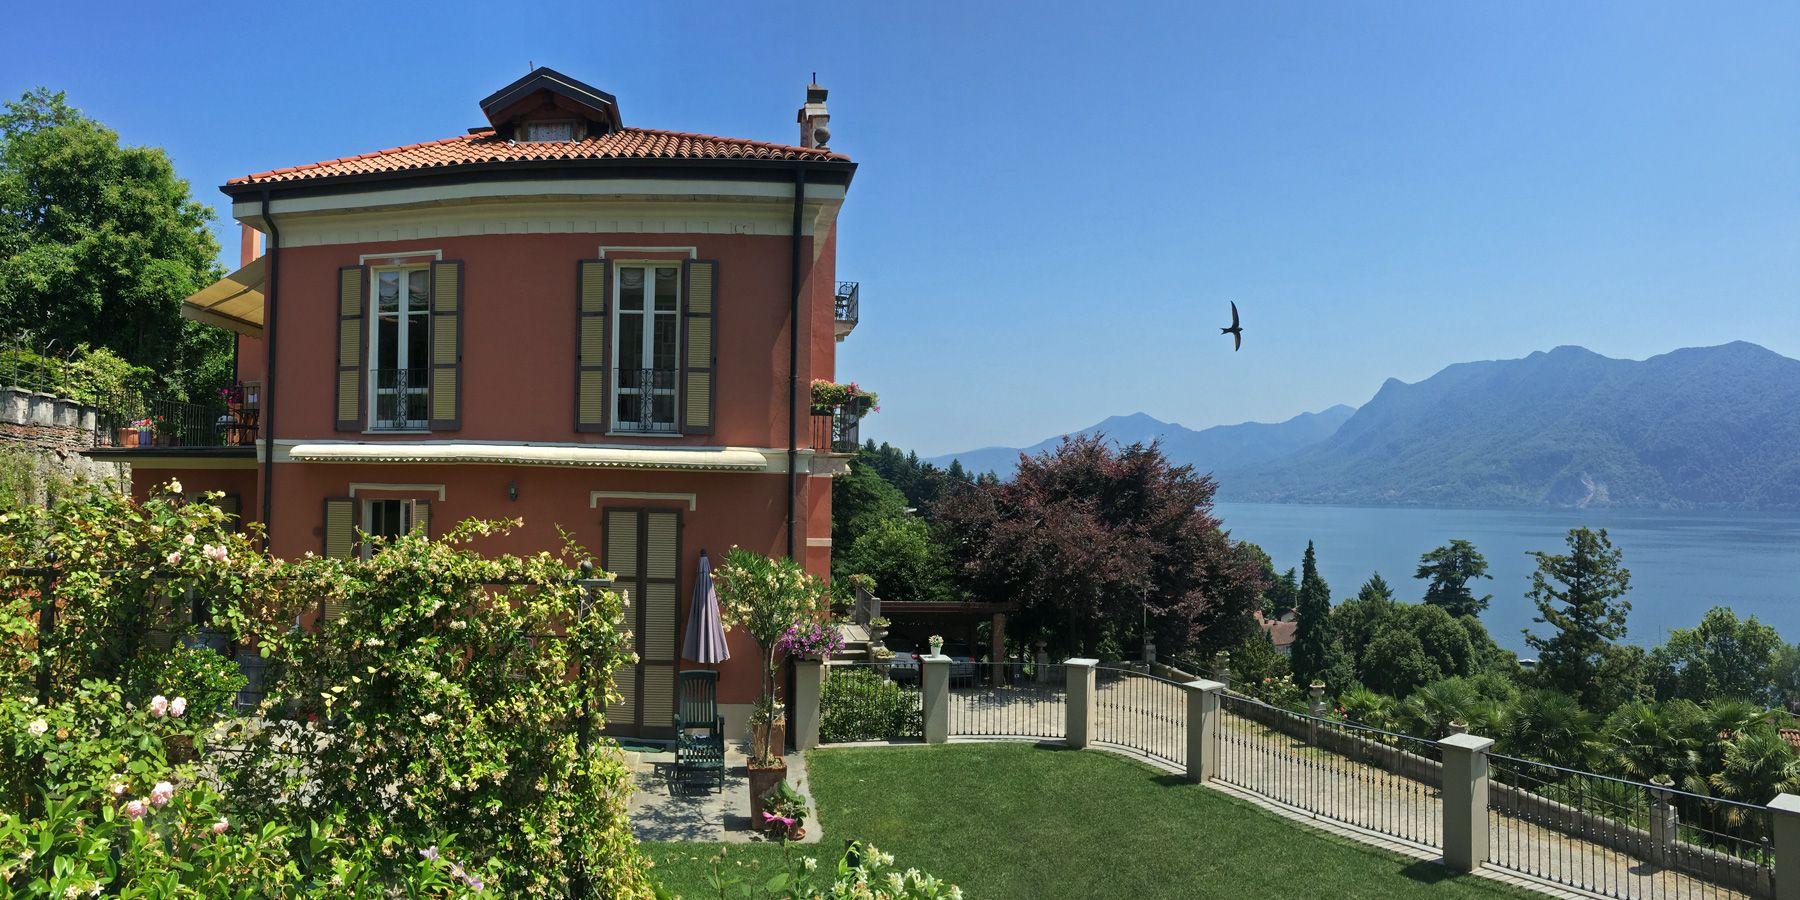 Wohnung Kaufen In Verbania Mit Seeblick In Alter Villa